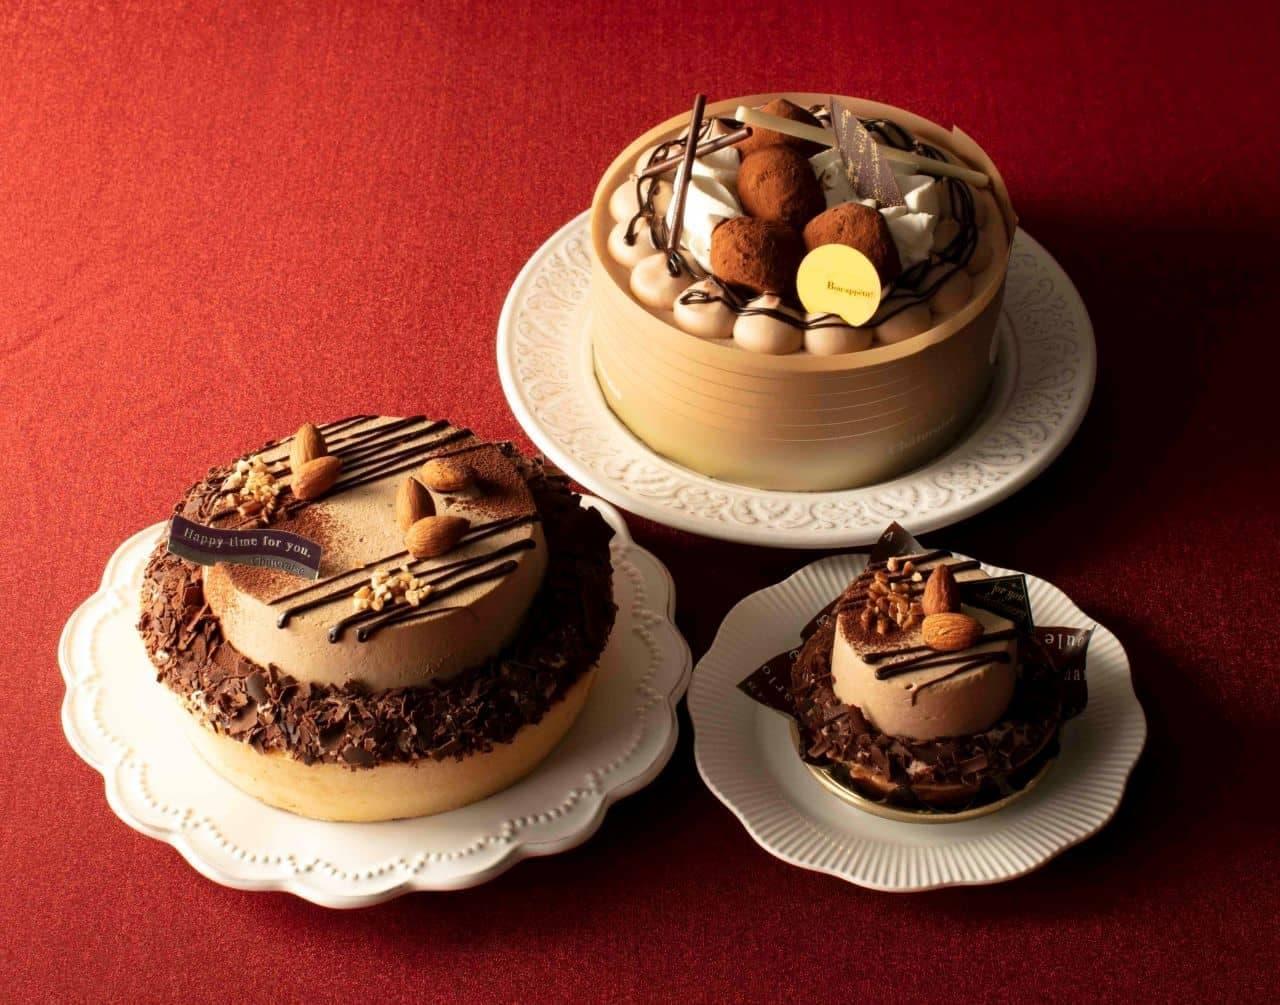 シャトレーゼ バレンタイン限定ケーキ